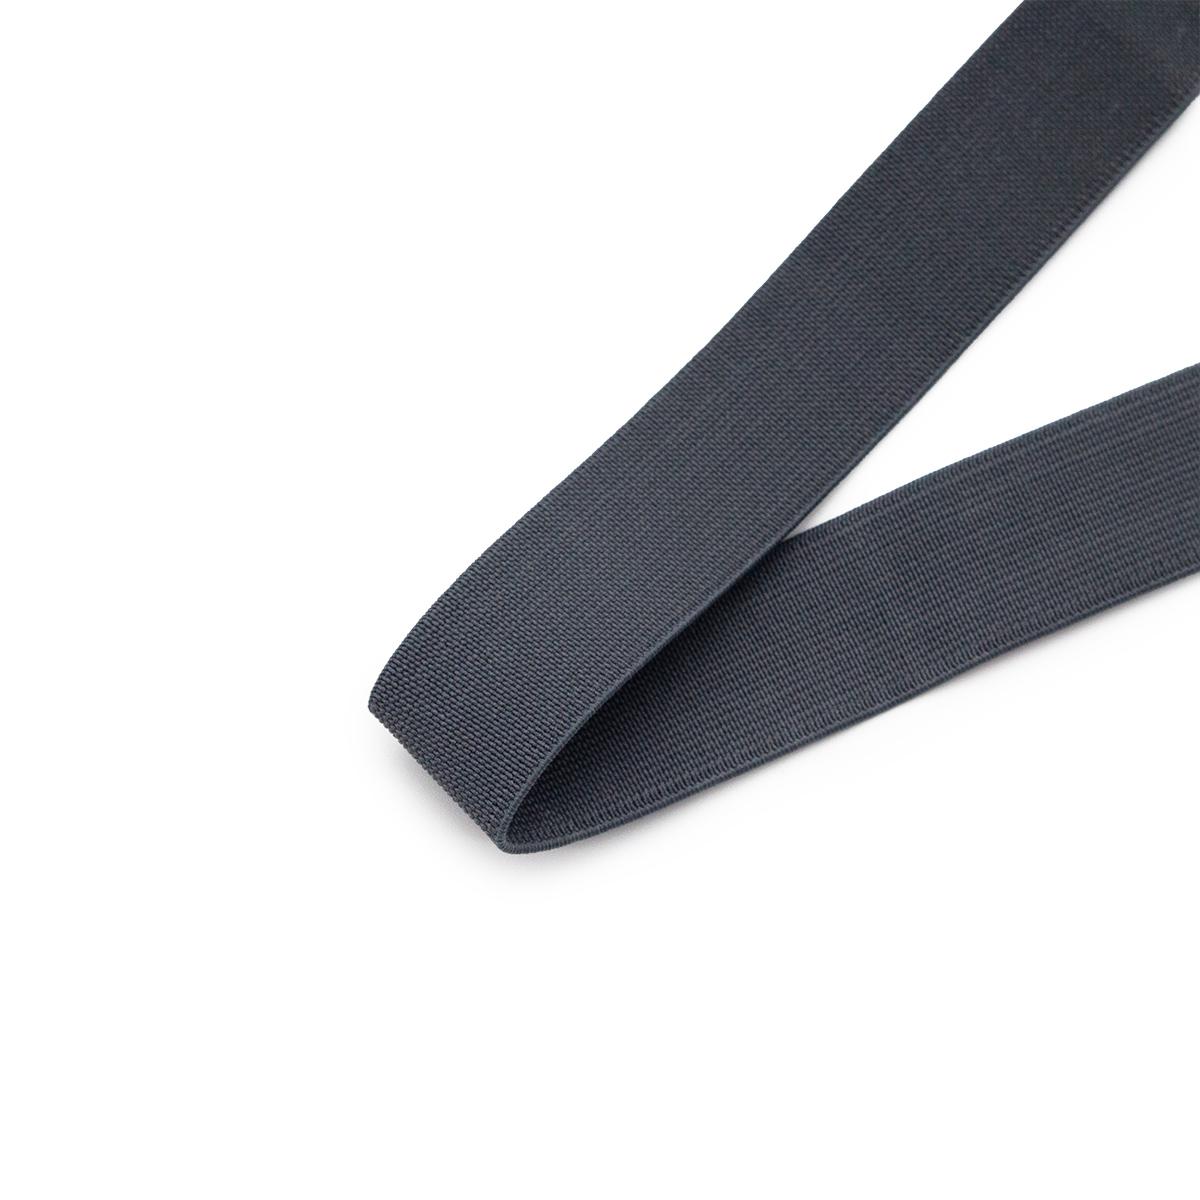 15-3848/1748 Резинка вязаная 25мм*25м т.серый ГР